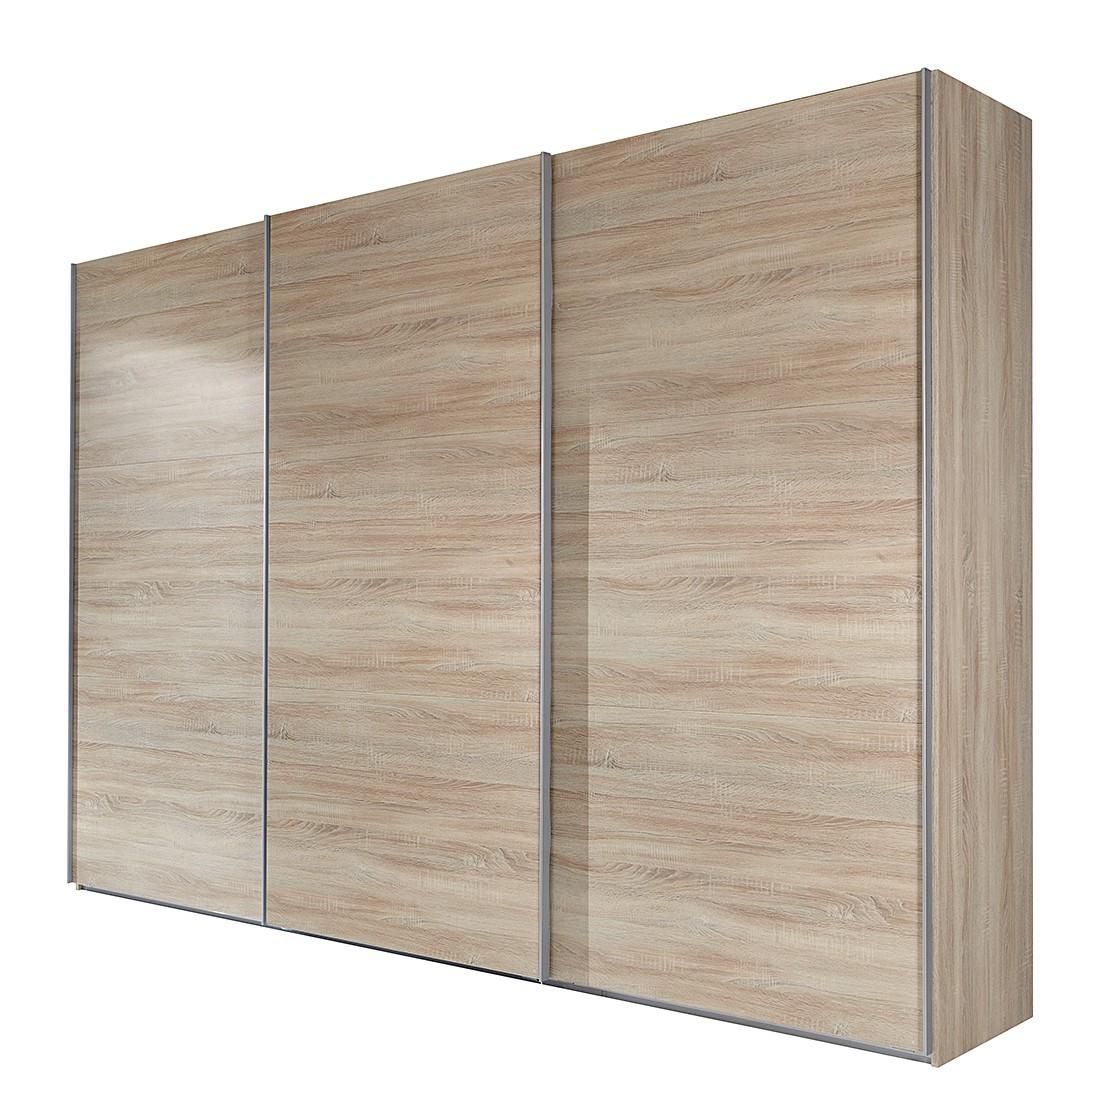 goedkoop Schuifdeurkast Medley grof gezaagde eikenhout look BxH 315x236cm 3 deurs Wimex